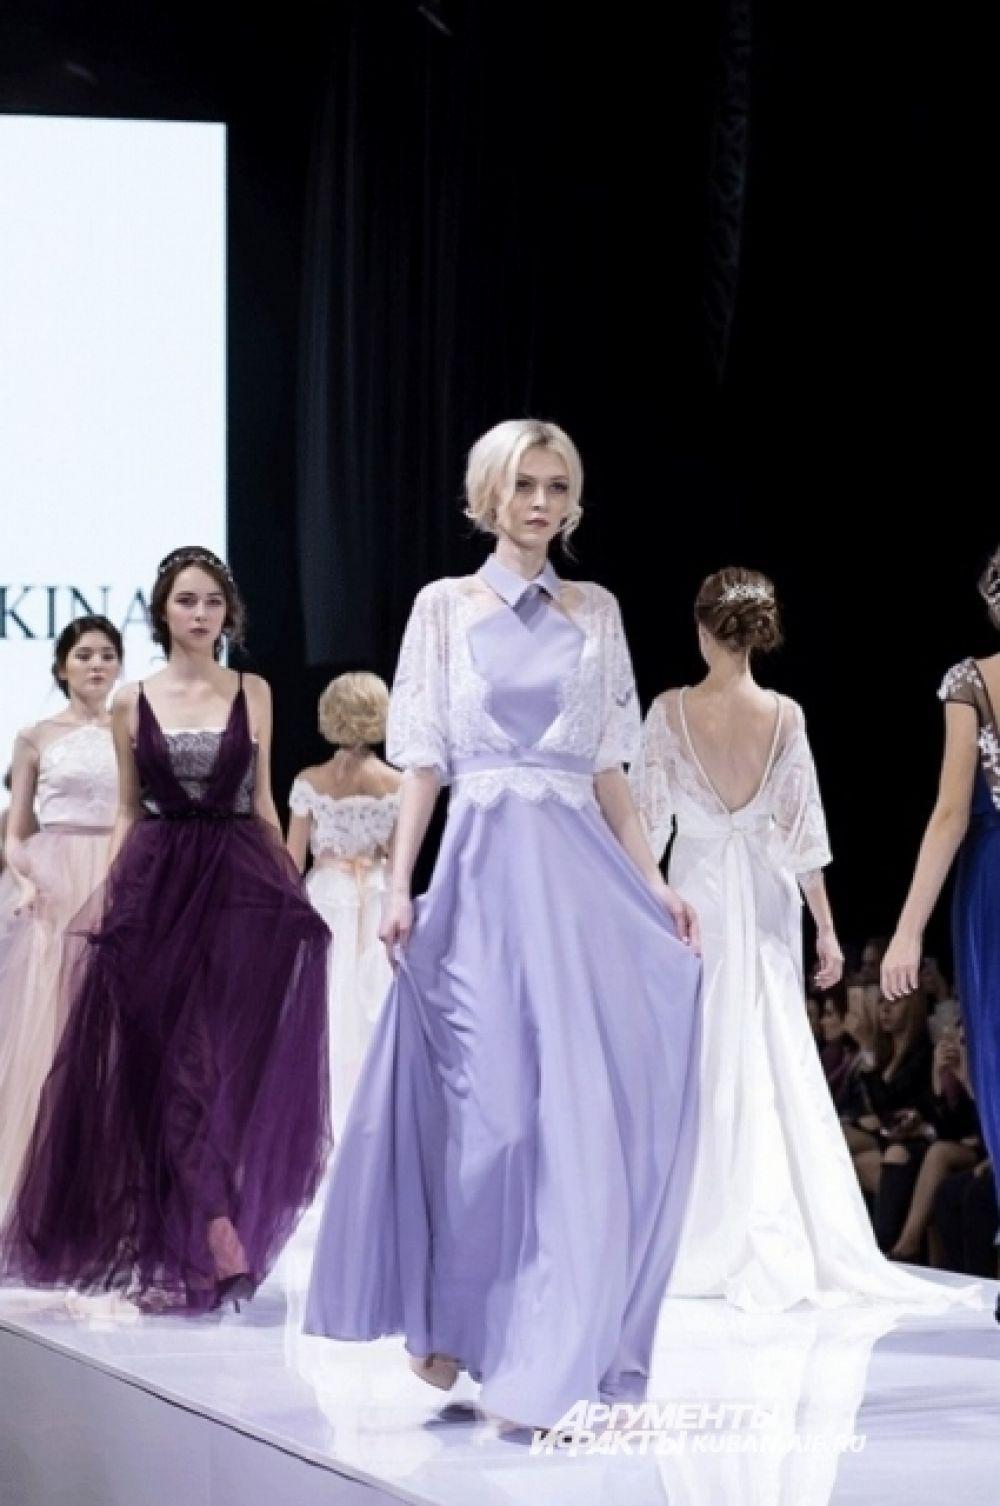 Вечерние платья от краснодарских дизайнеров Екатерины Мощевикиной и Зои Нагорной.